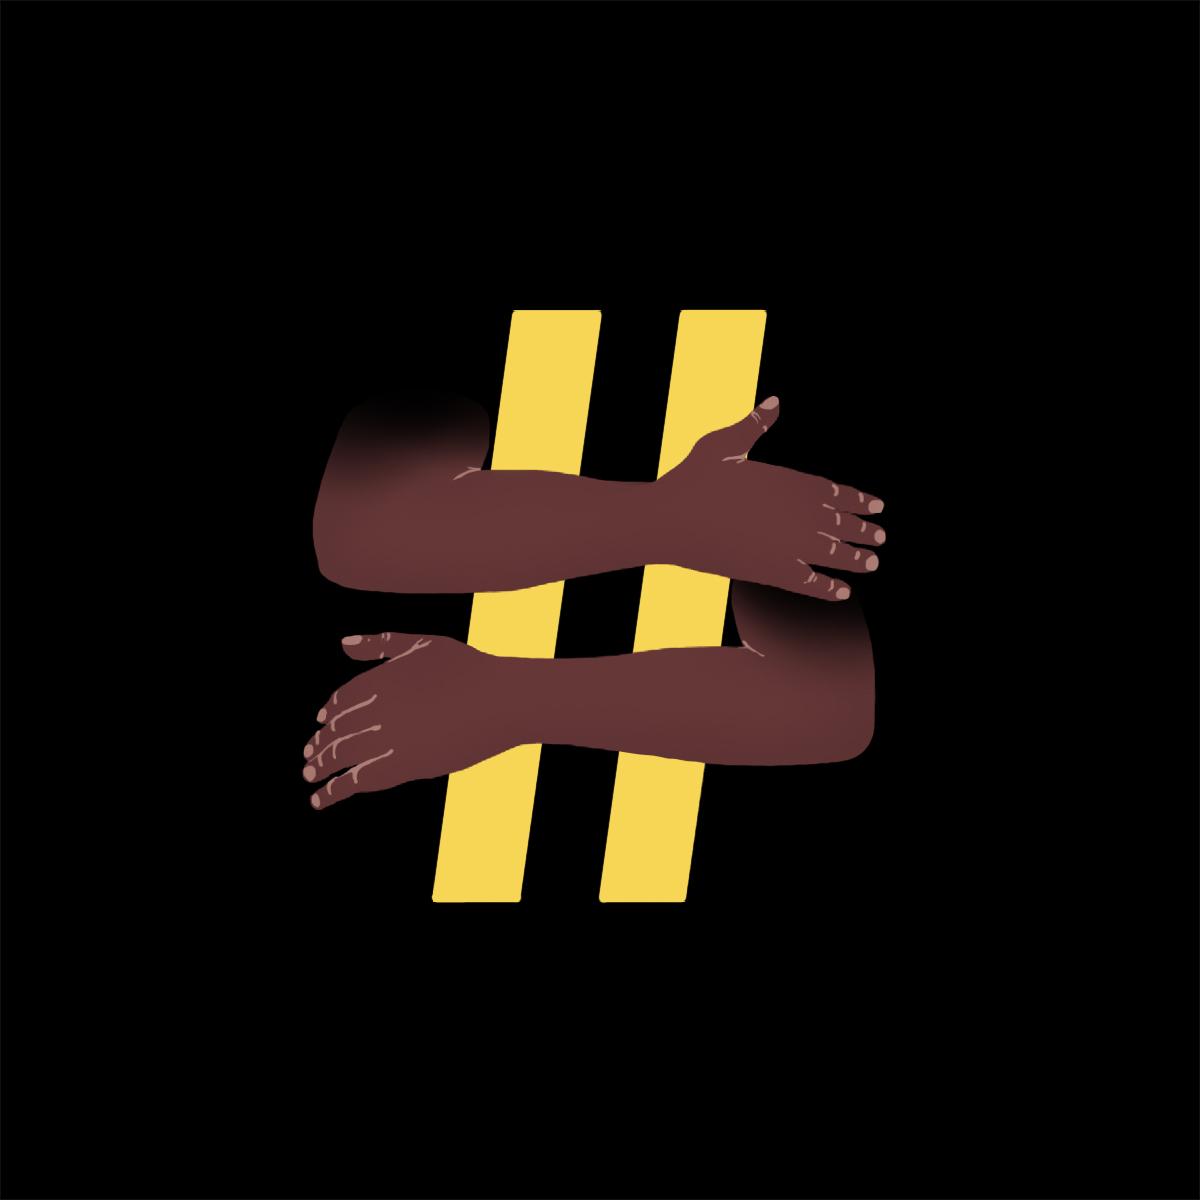 Ilustración de un hashtag abrazado por unos brazos negros en honor al #BlackOutTuesday